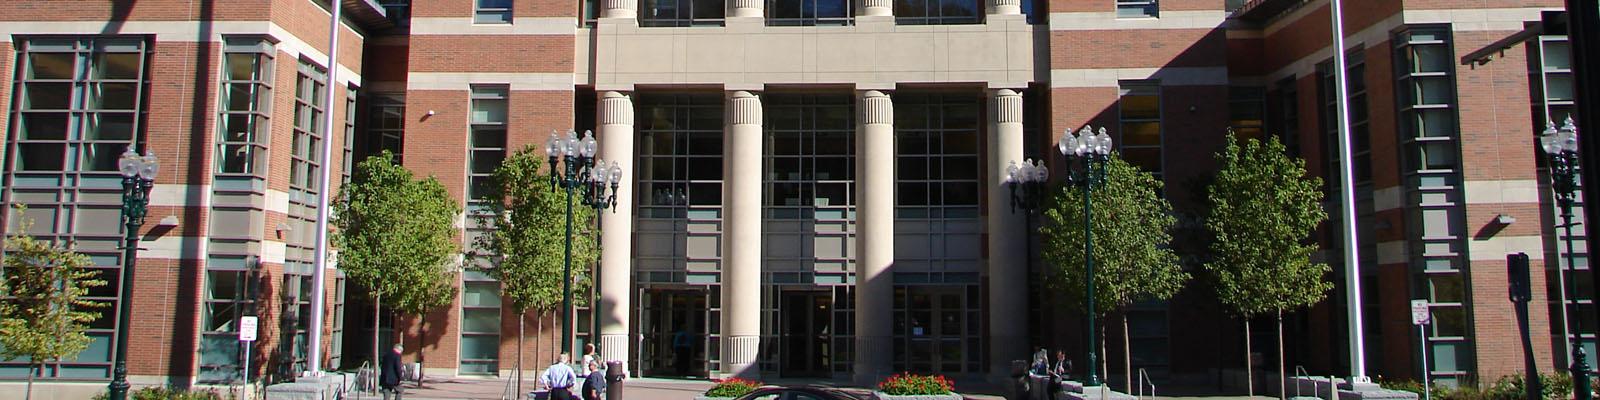 Worcester District Court   Mass gov